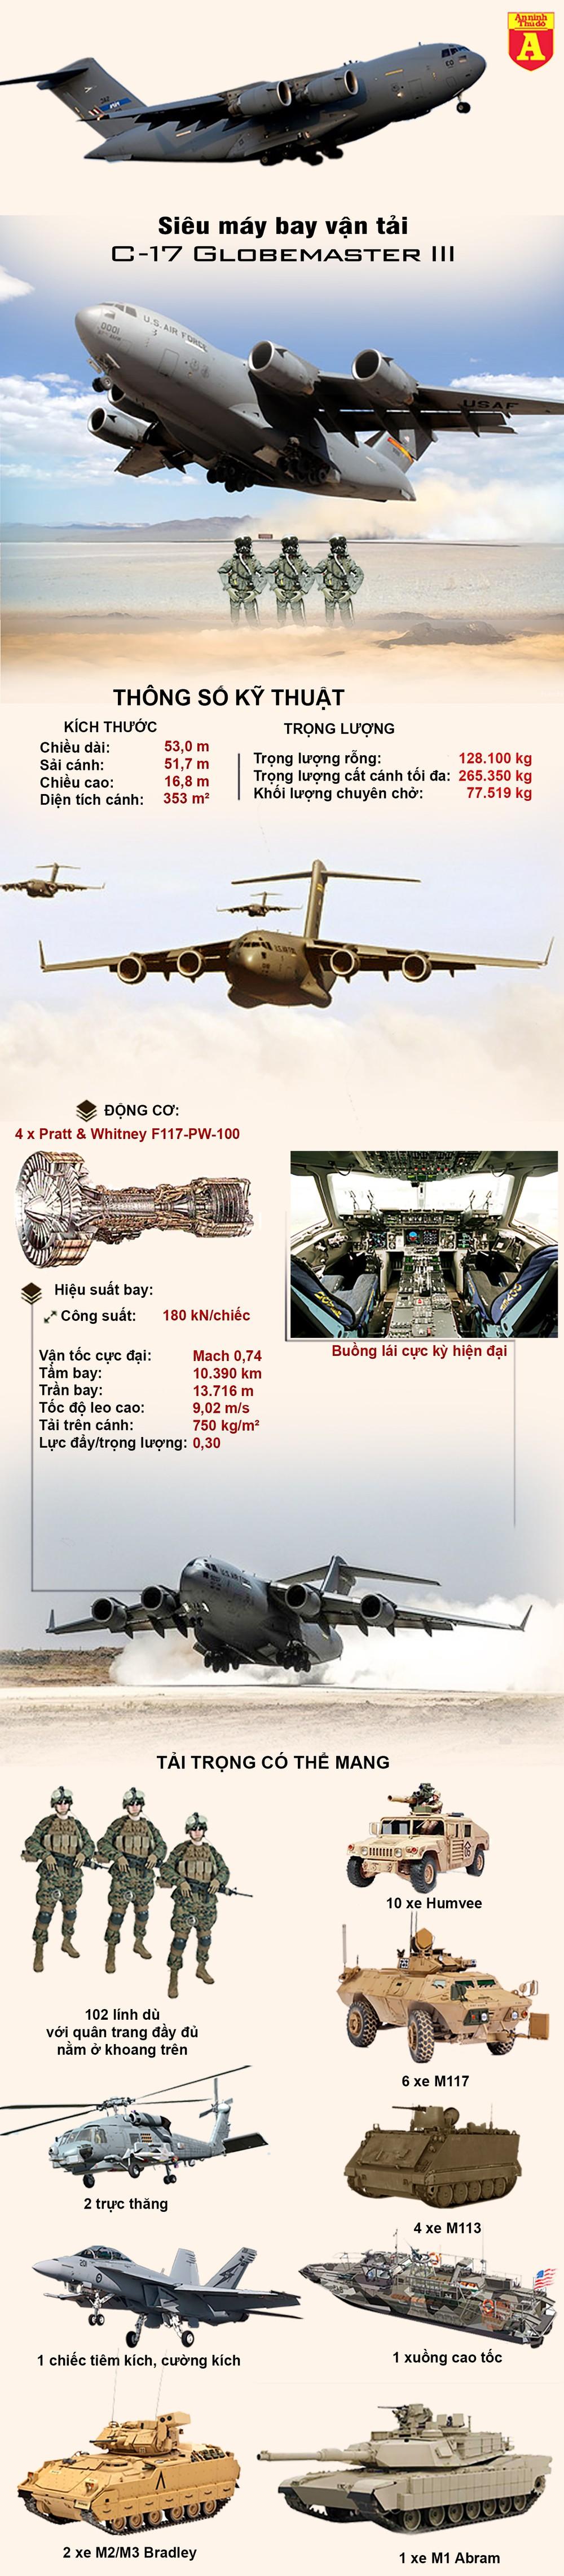 [Info] Mỹ dùng vận tải cơ khổng lồ lập cầu hàng không với Trung Quốc để chống Covid-19 ảnh 2